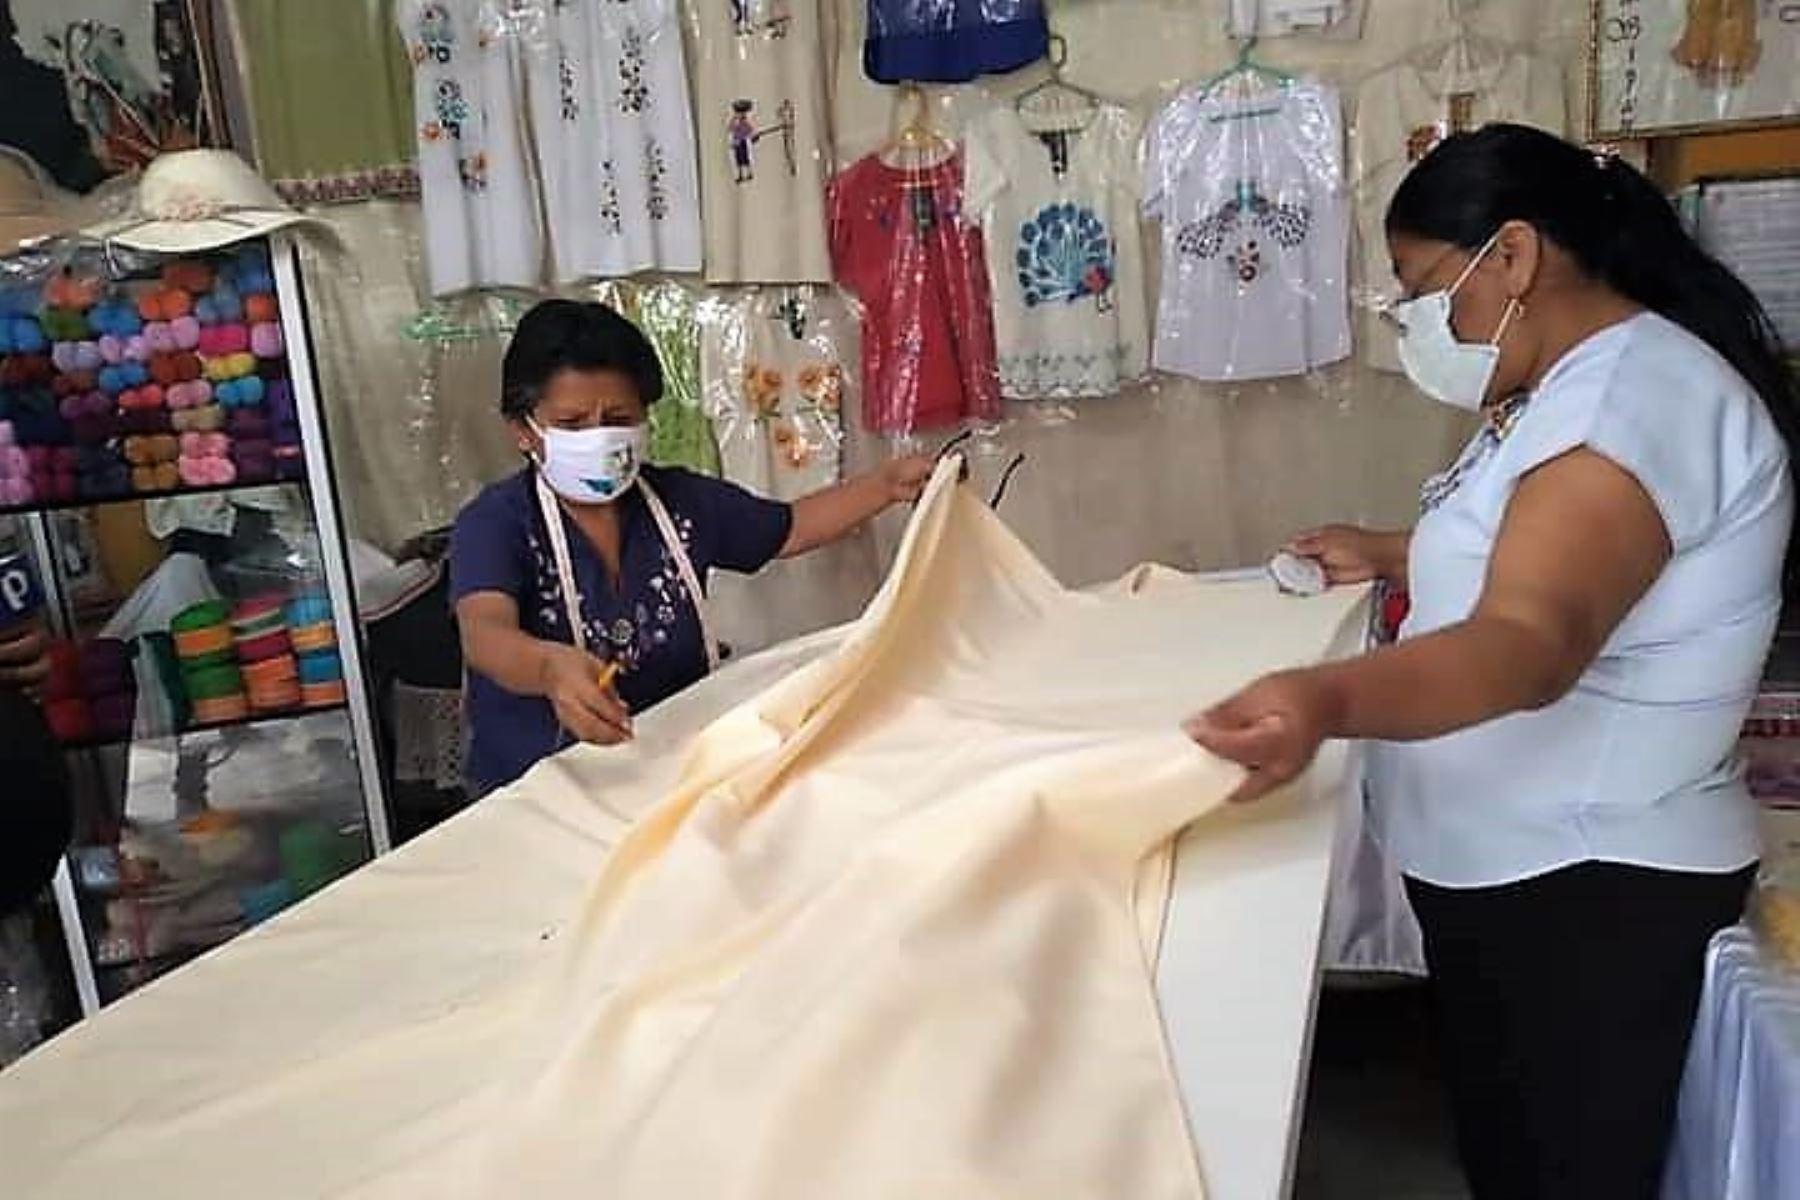 Para celebrar el Bicentenario de la Independencia, artesanas de Monsefú iniciarán este 28 de julio el bordado de un mantel gigante. Foto: ANDINA/Difusión